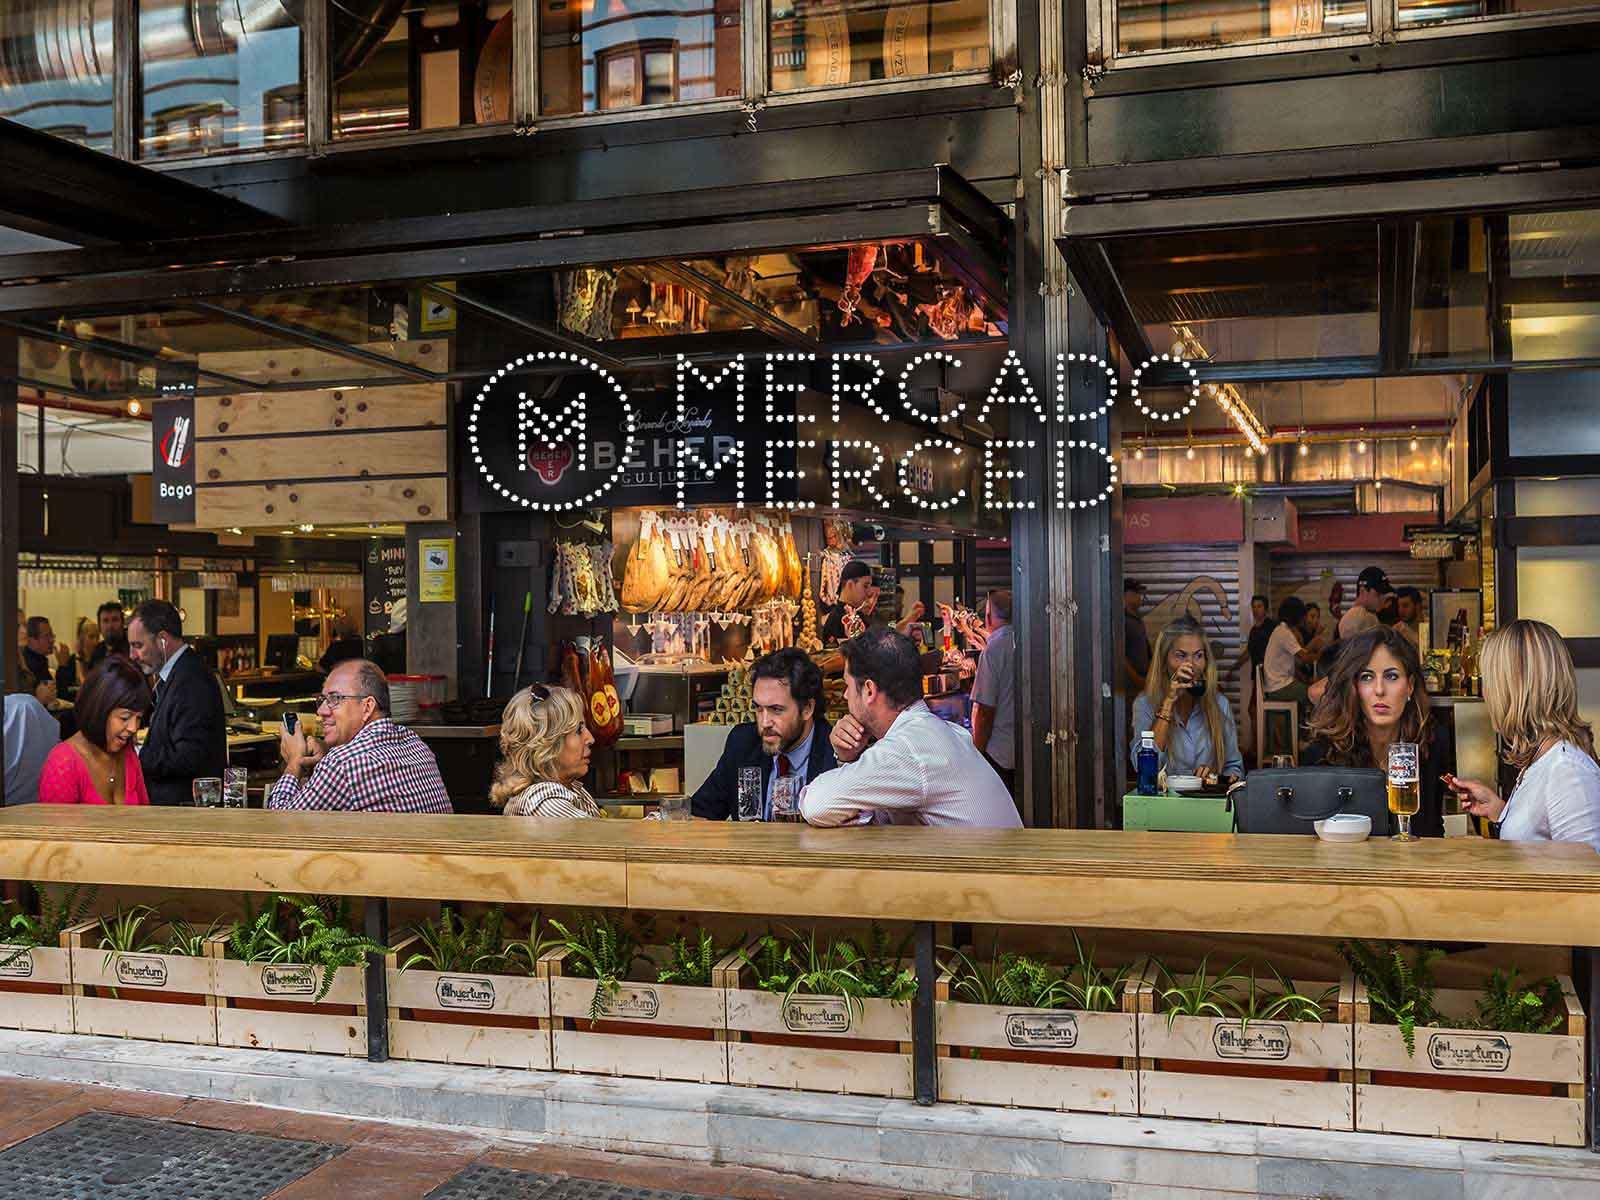 01_mercado_merced_exterior_Medium_1600x1200